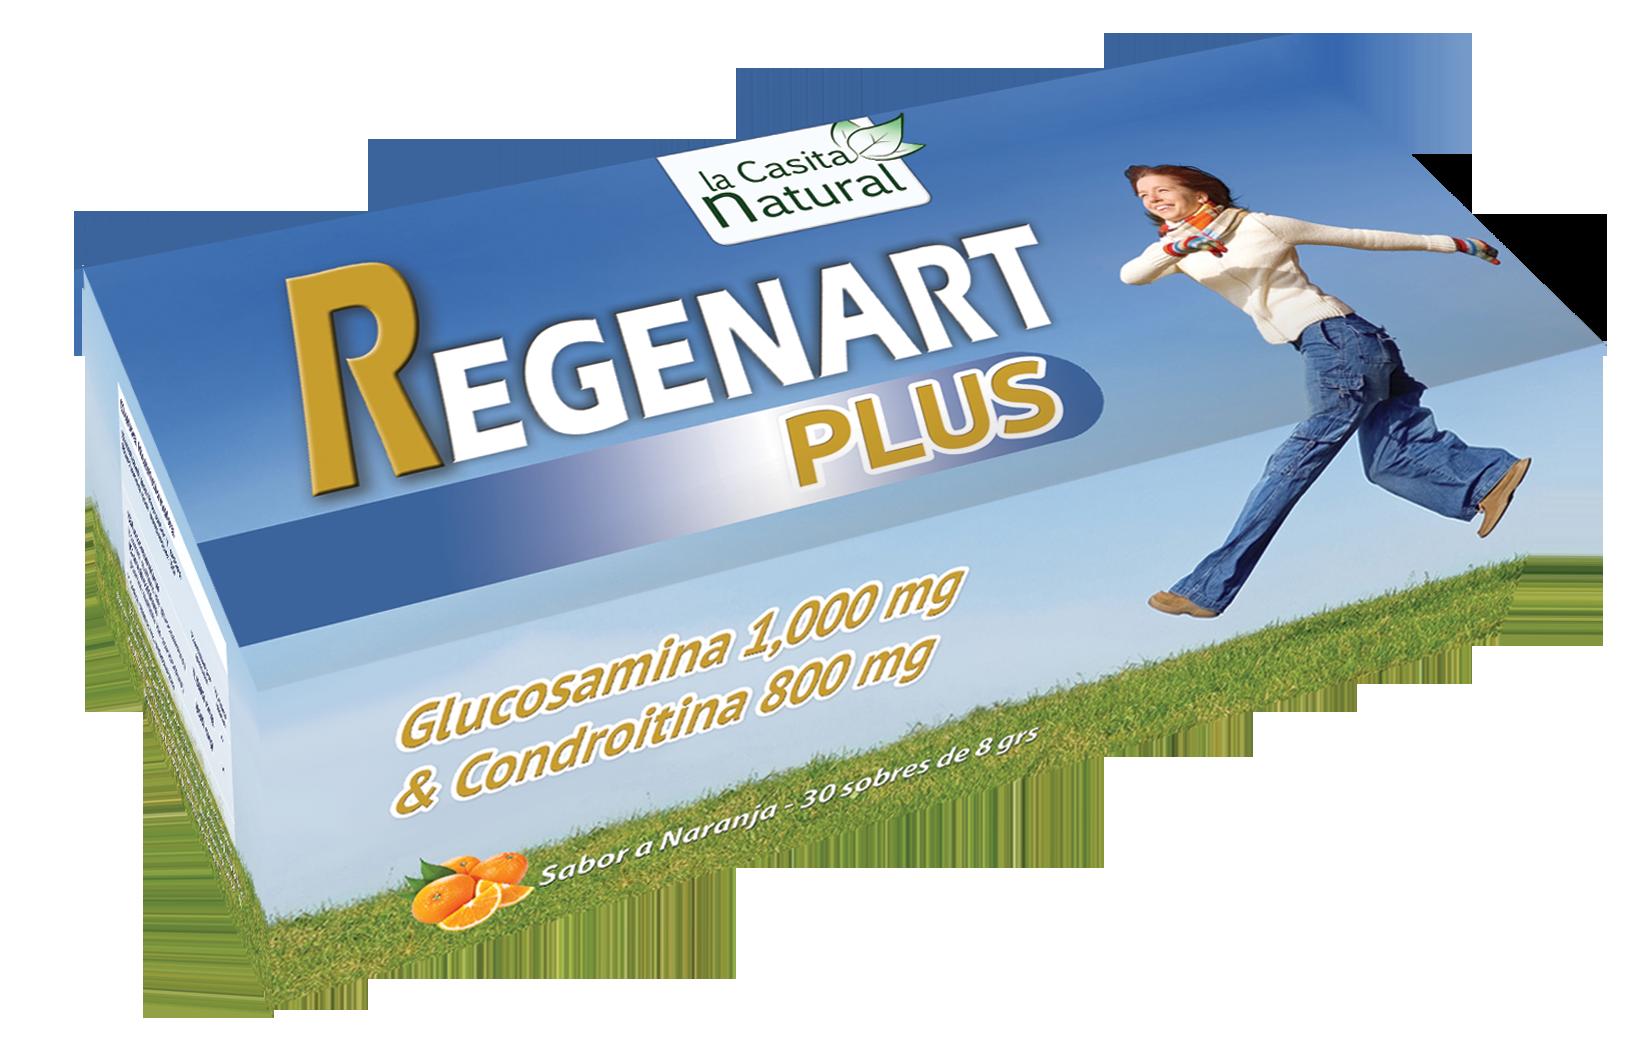 Regenart Plus